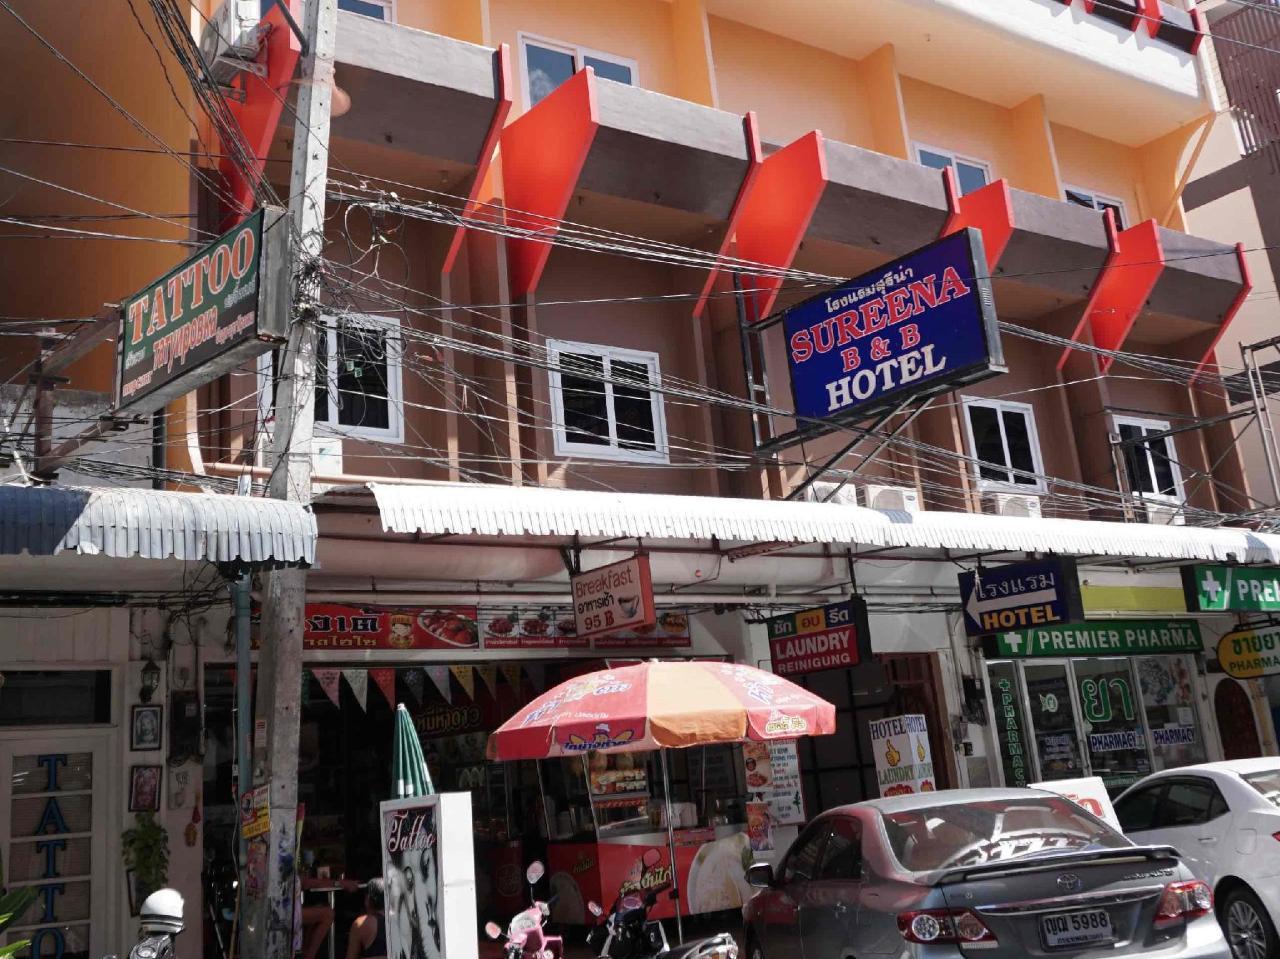 โรงแรมสุรีนา (Sureena Hotel)